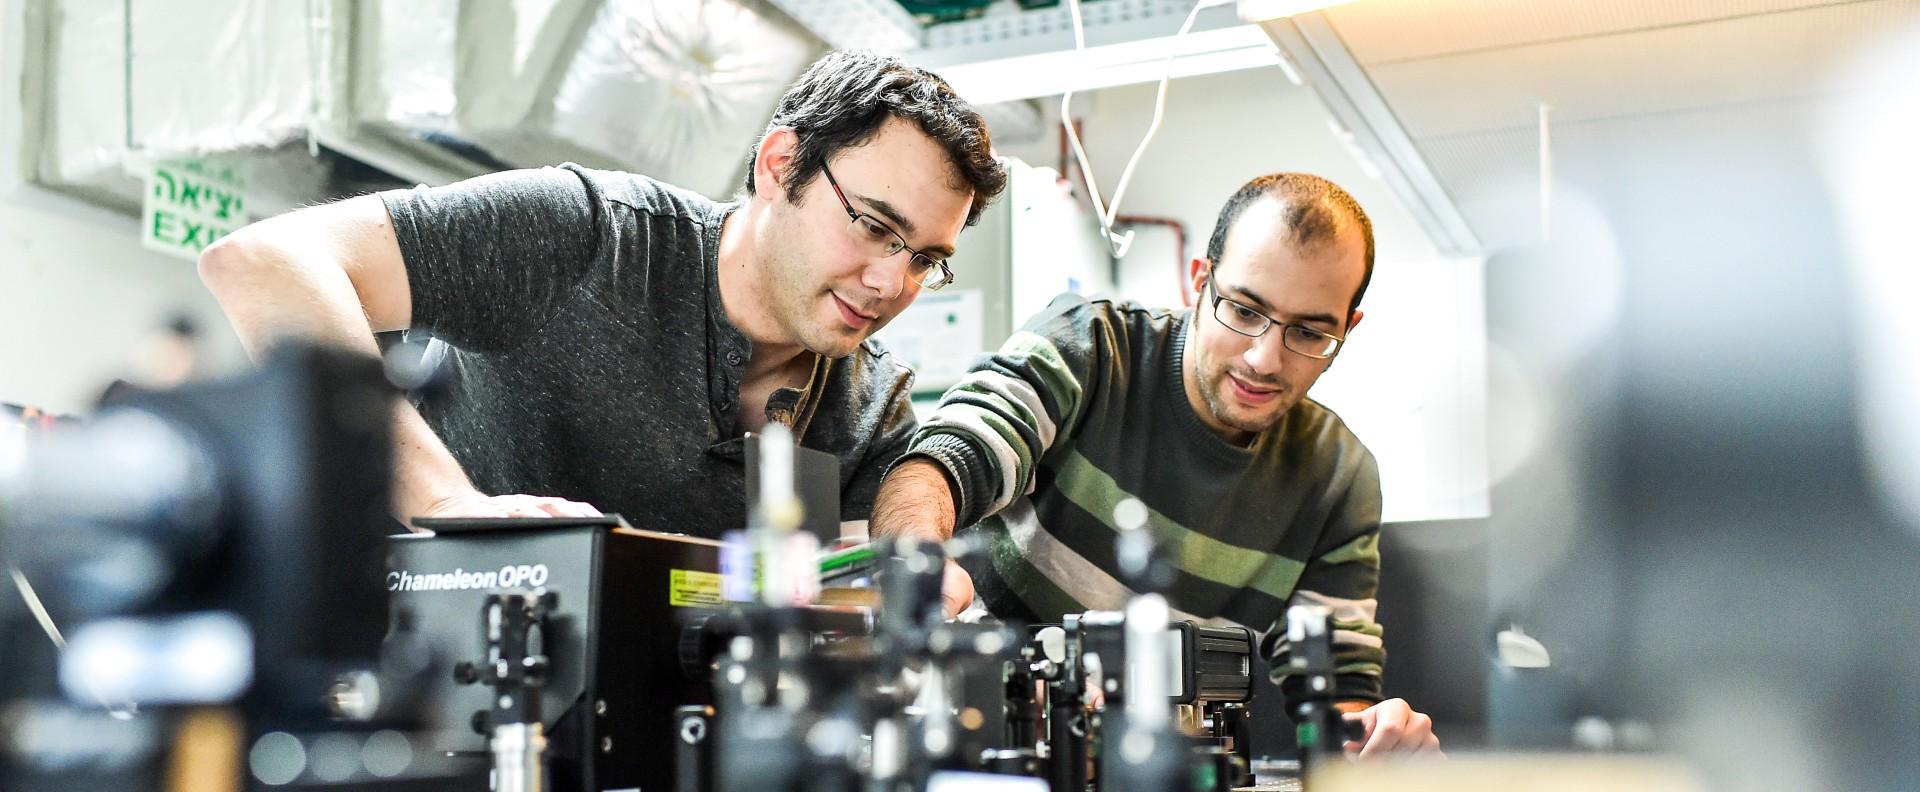 טכנולוגיה חדשנית למיפוי שדות אלקטרומגנטיים ואינטראקציית אור-חומר